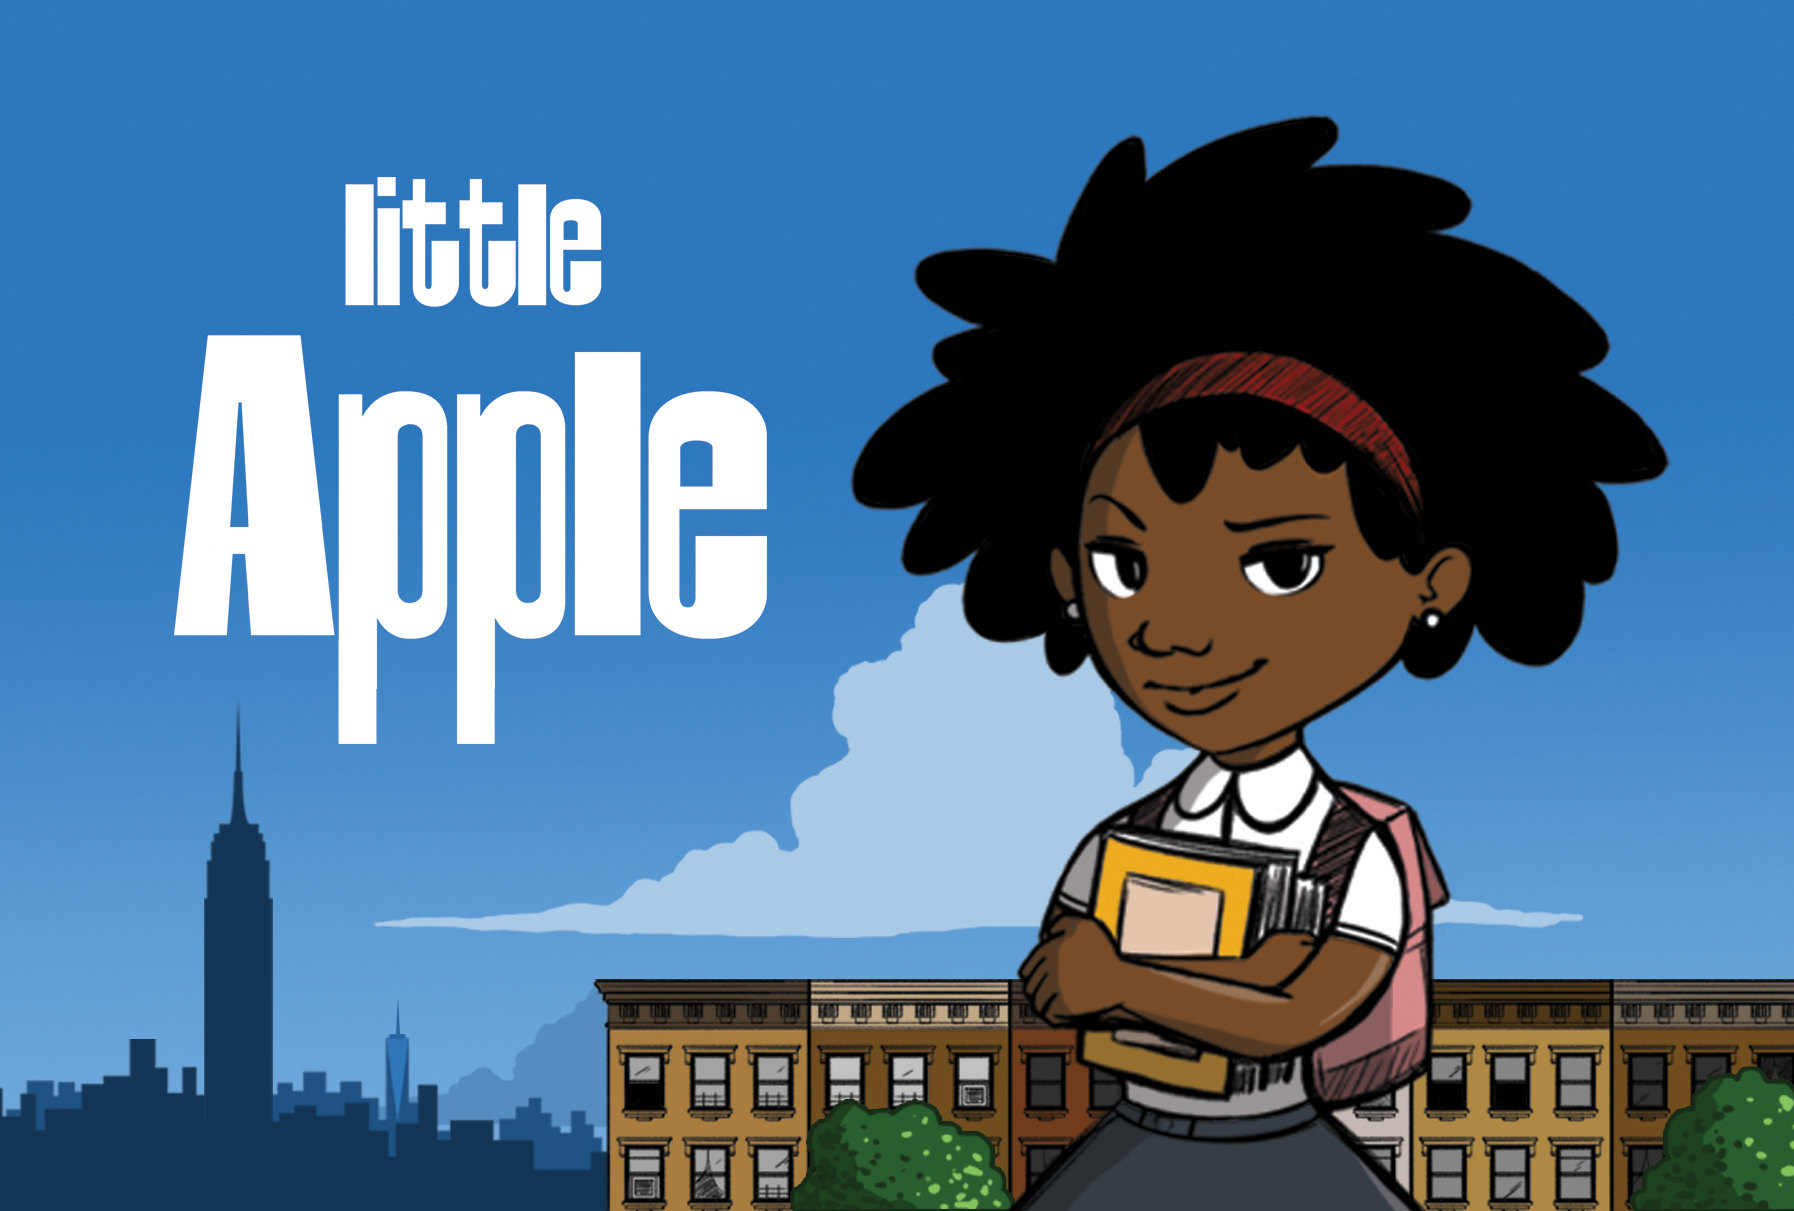 Little Apple Cover Image.jpg